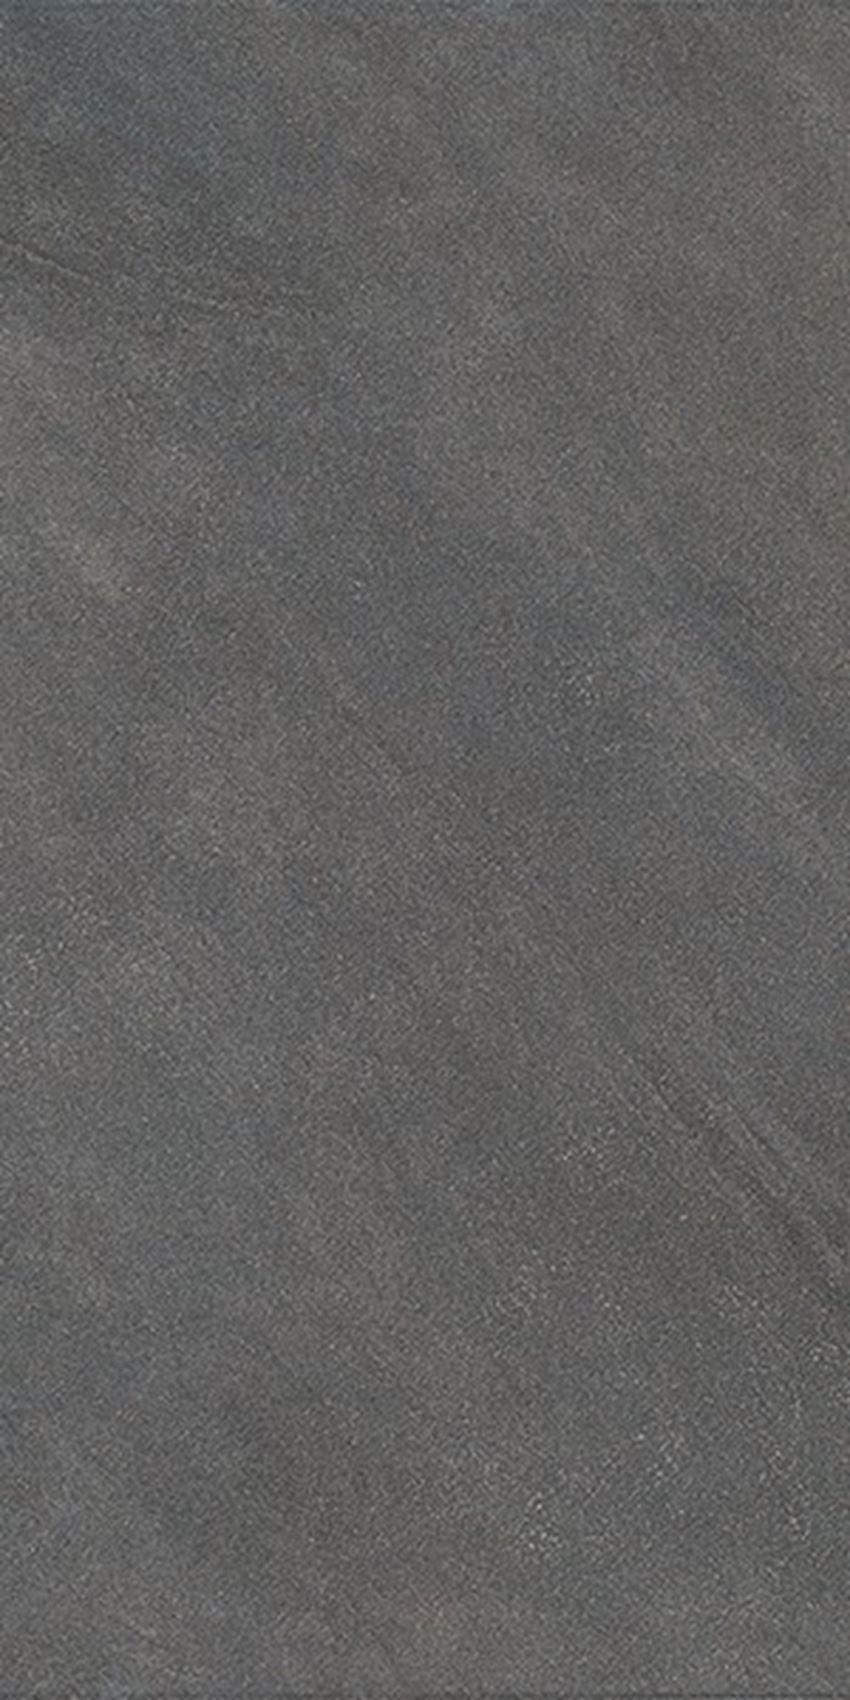 Płytka uniwersalna 30x60 cm Nowa Gala Trend Stone TS 13